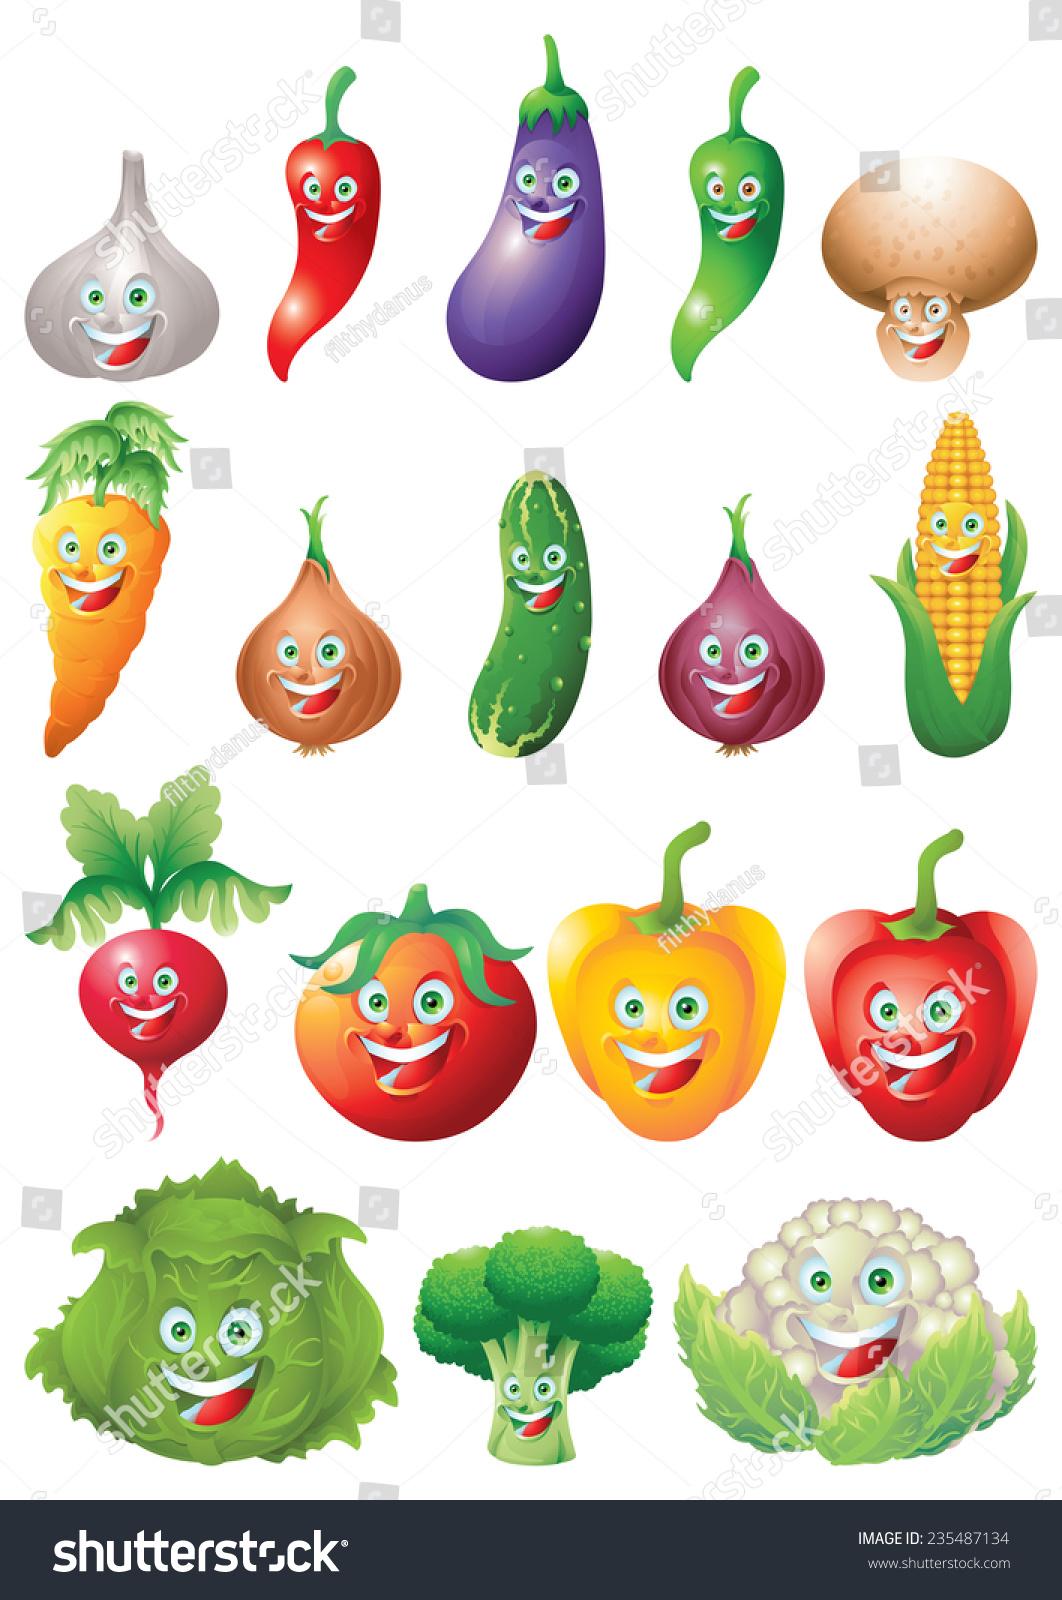 com 宽400x382高       卡通简洁小图标 韩国卡通蔬菜水果图标草莓